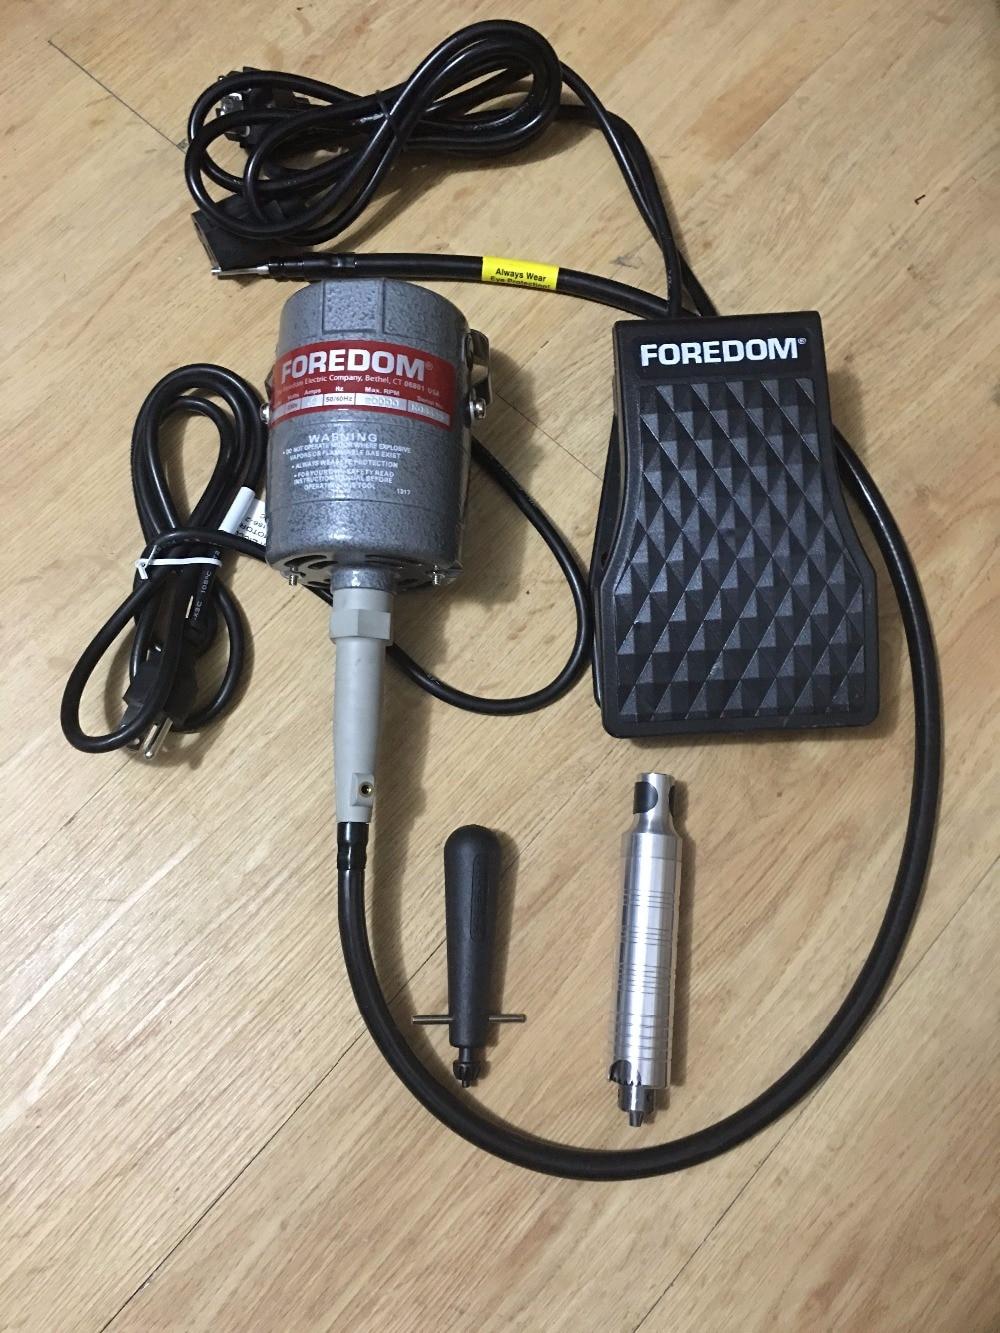 2016 moteur Foredom, 220 V Foredom CC30 dremel/moteur foredom/arbre de flexion/arbre de flexion foredom